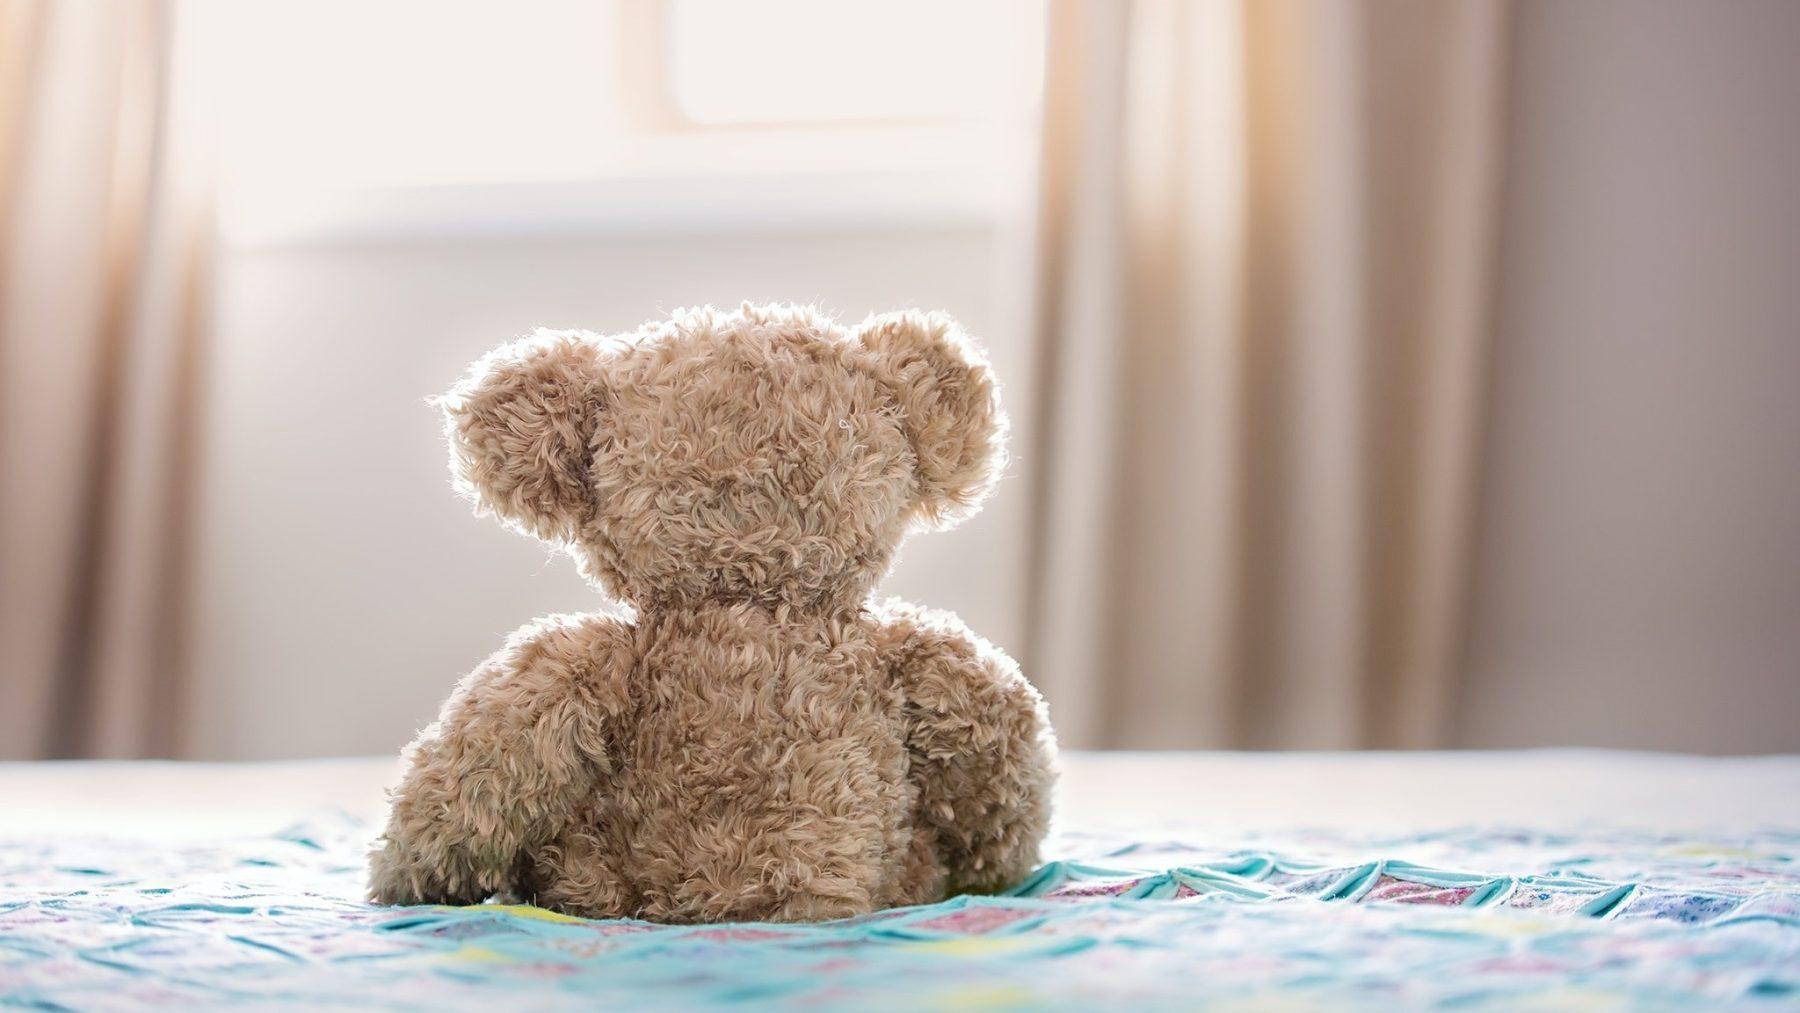 1115 kinderen van gedupeerden toeslagenaffaire uit huis geplaatst: 'Wat een verdriet'